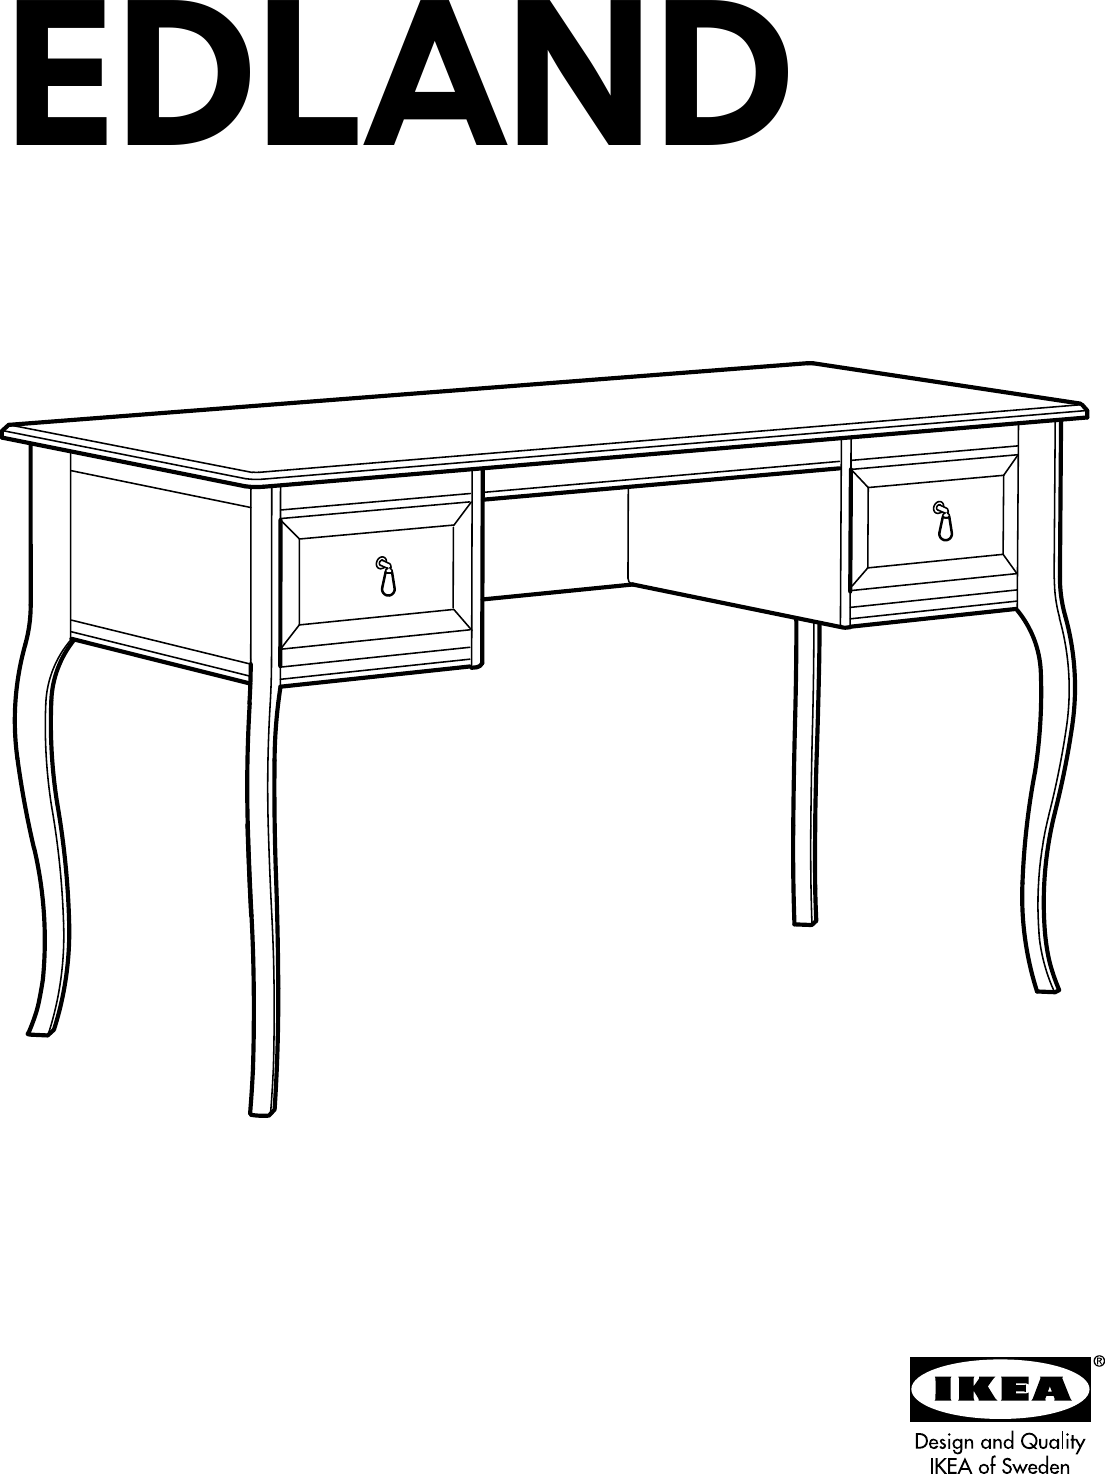 Ikea Edland Dressing Table Assembly Instruction